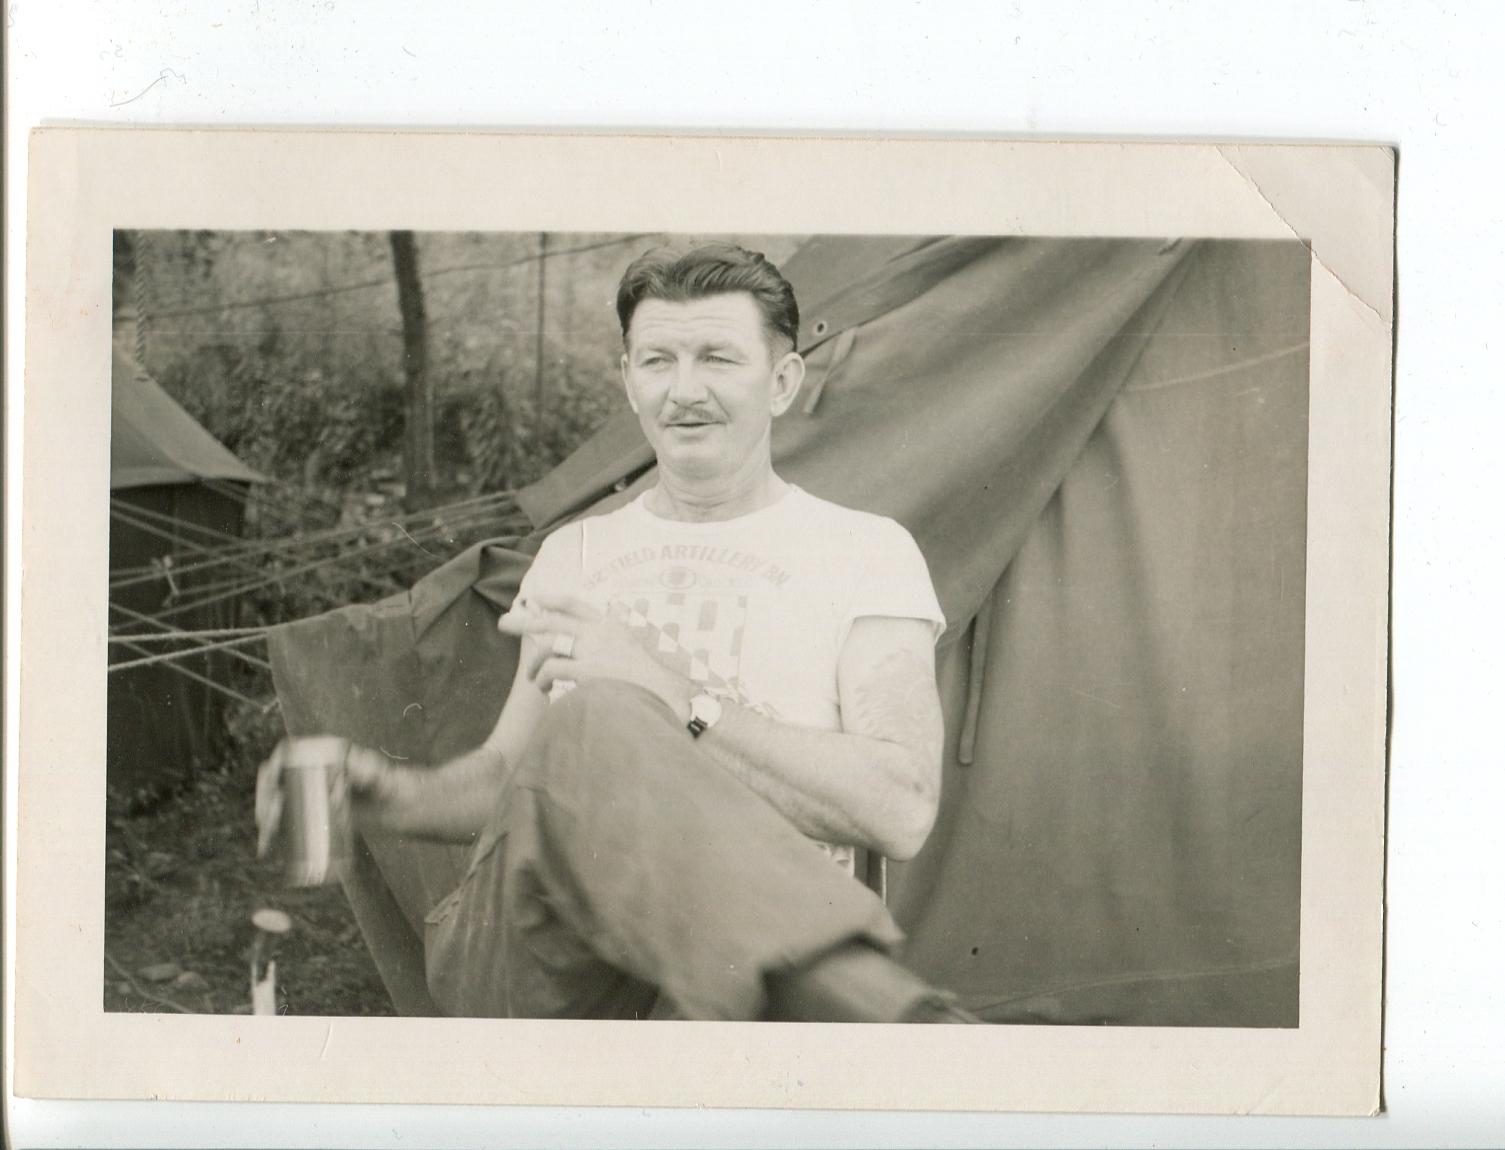 kron261 Capt Huckaby